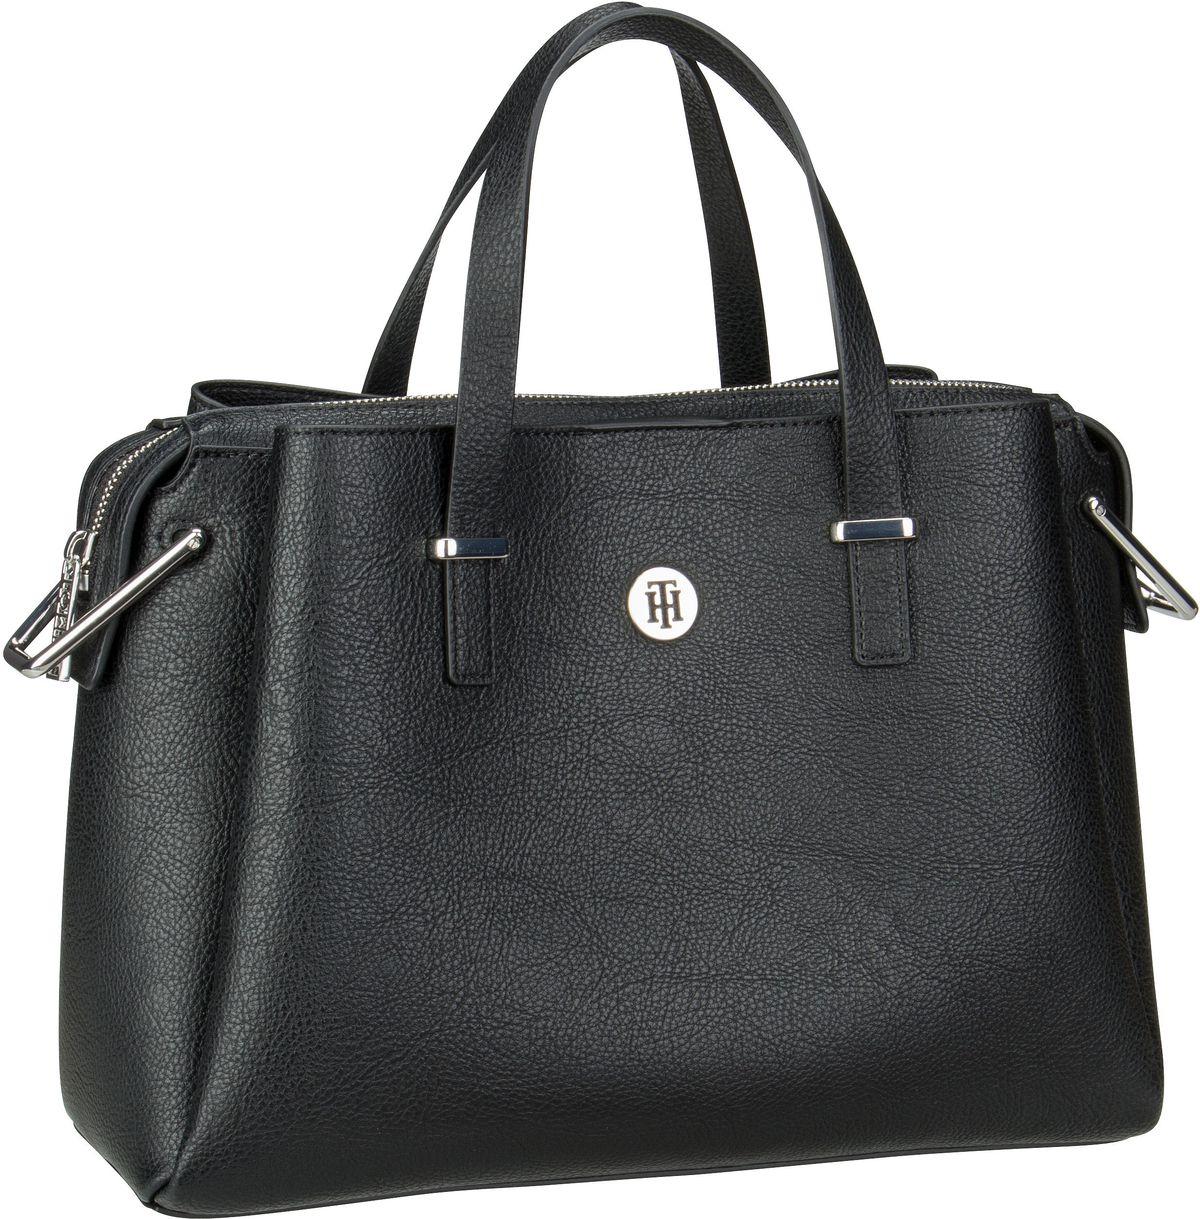 Shopper TH Core Satchel Black